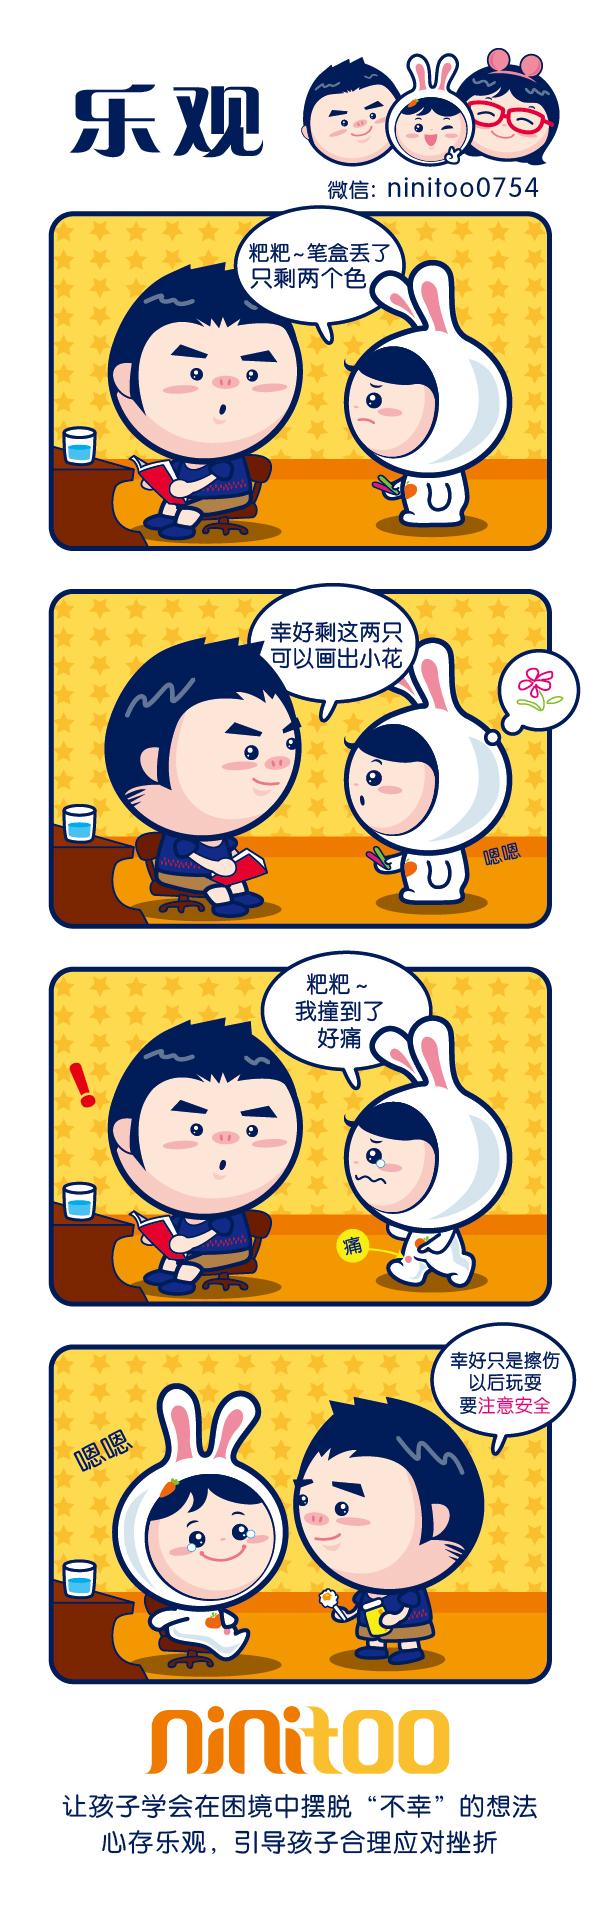 育儿经漫画-08.jpg